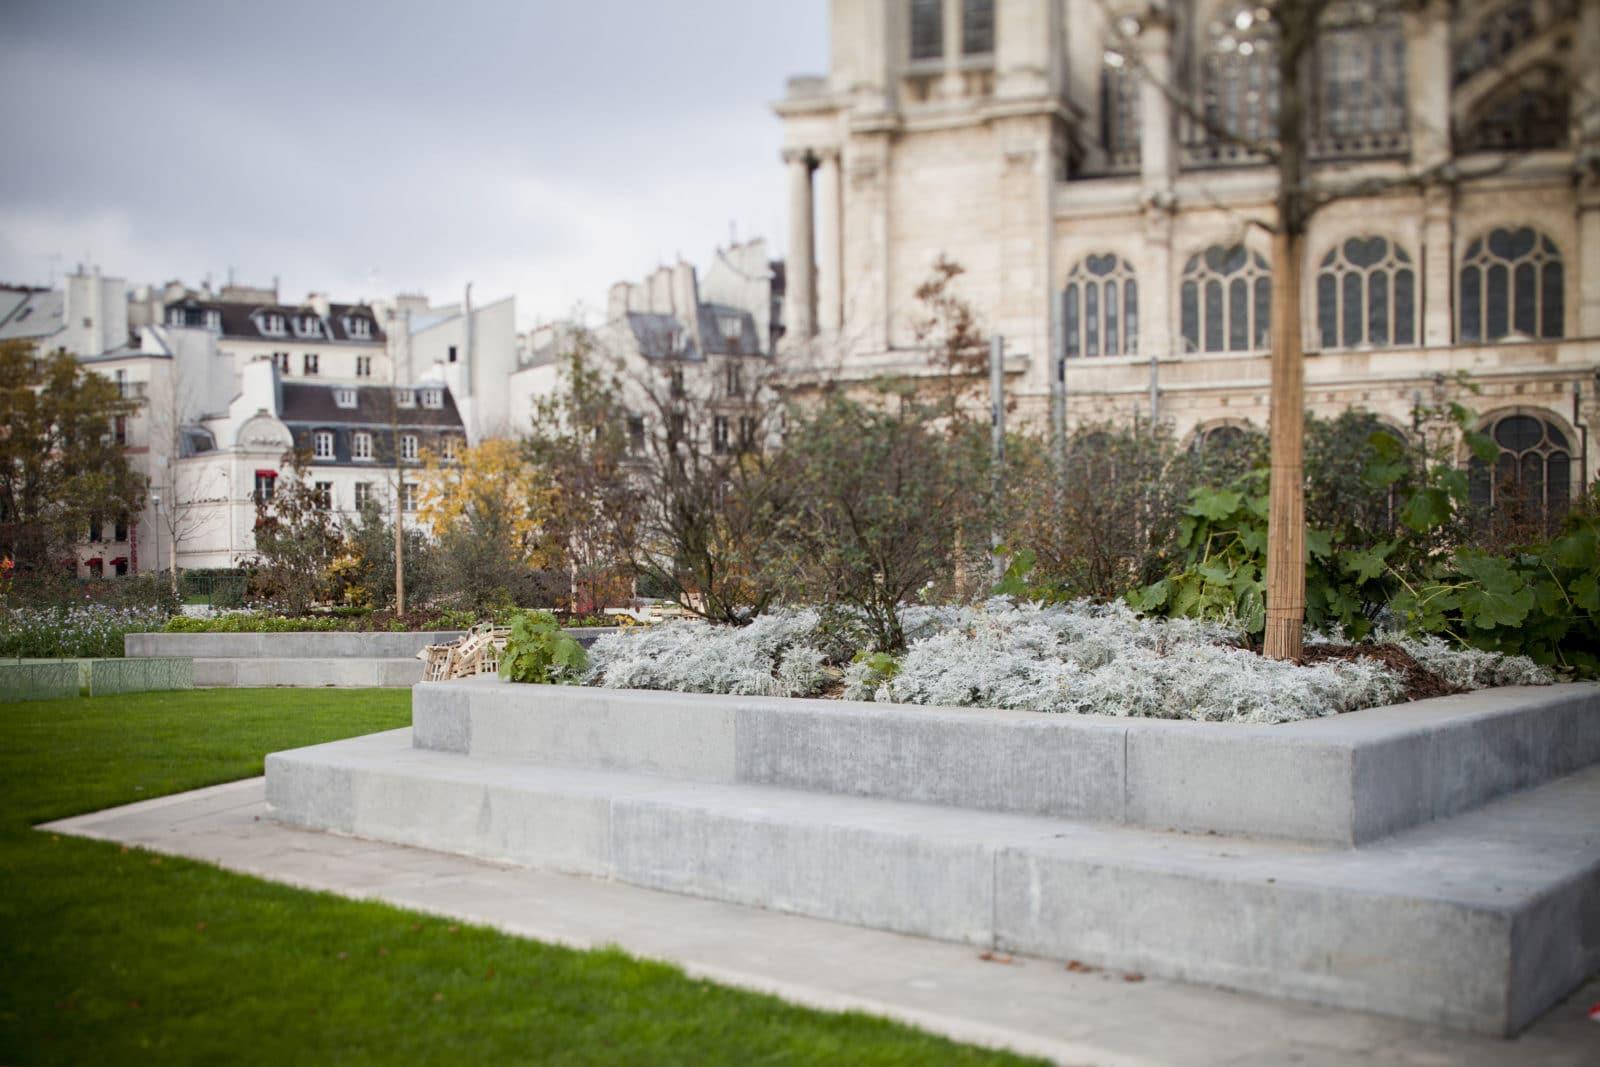 réaménagement des Halles de Paris. livraison du jardin partie nord-ouest.